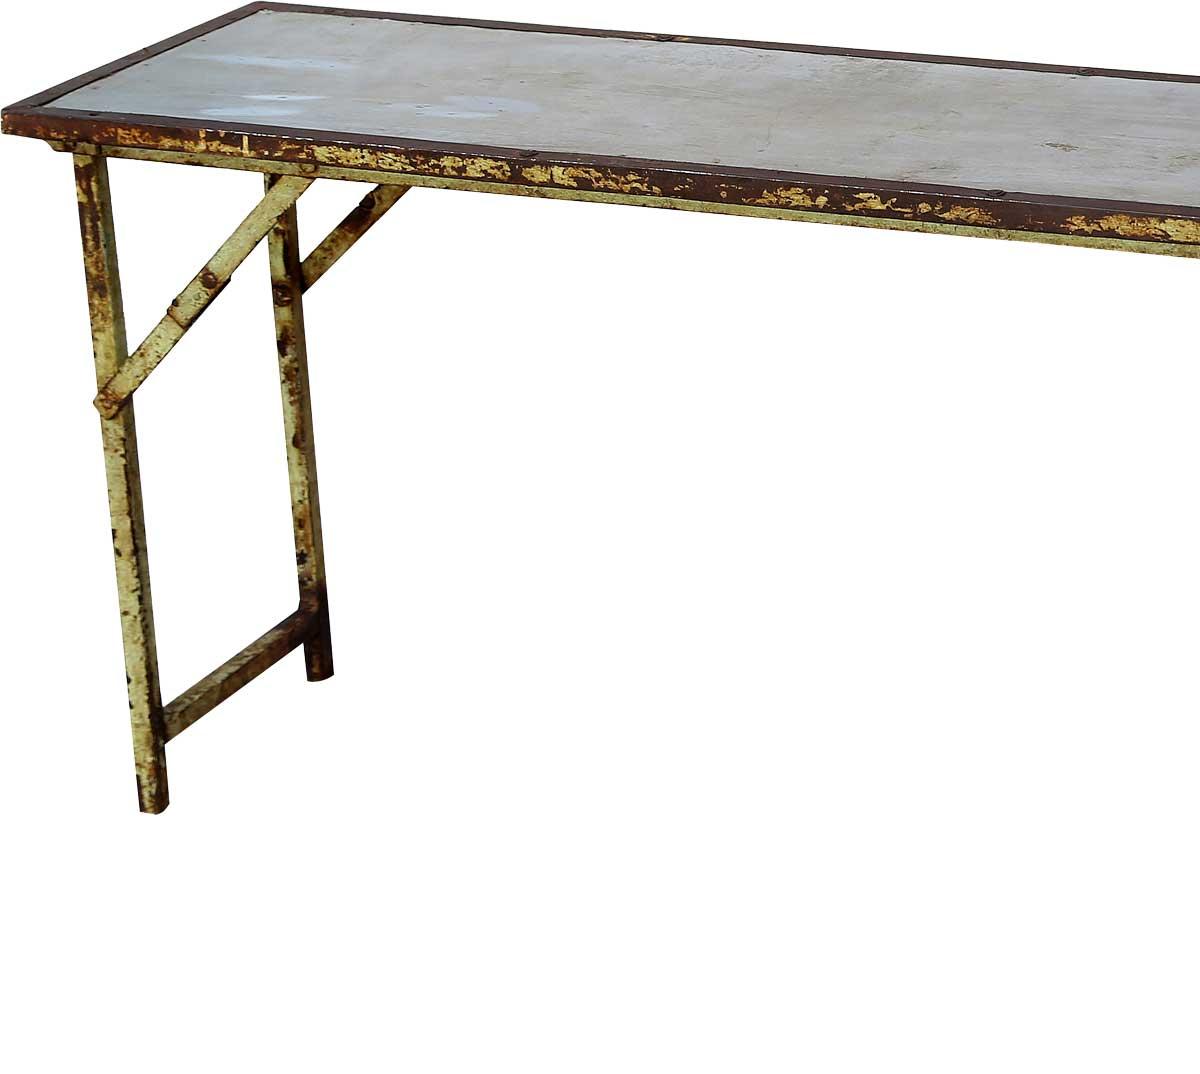 Image of   TRADEMARK LIVING konsolbord - galvaniseret jern og gult jernstel m. patina, foldbar (184x46)